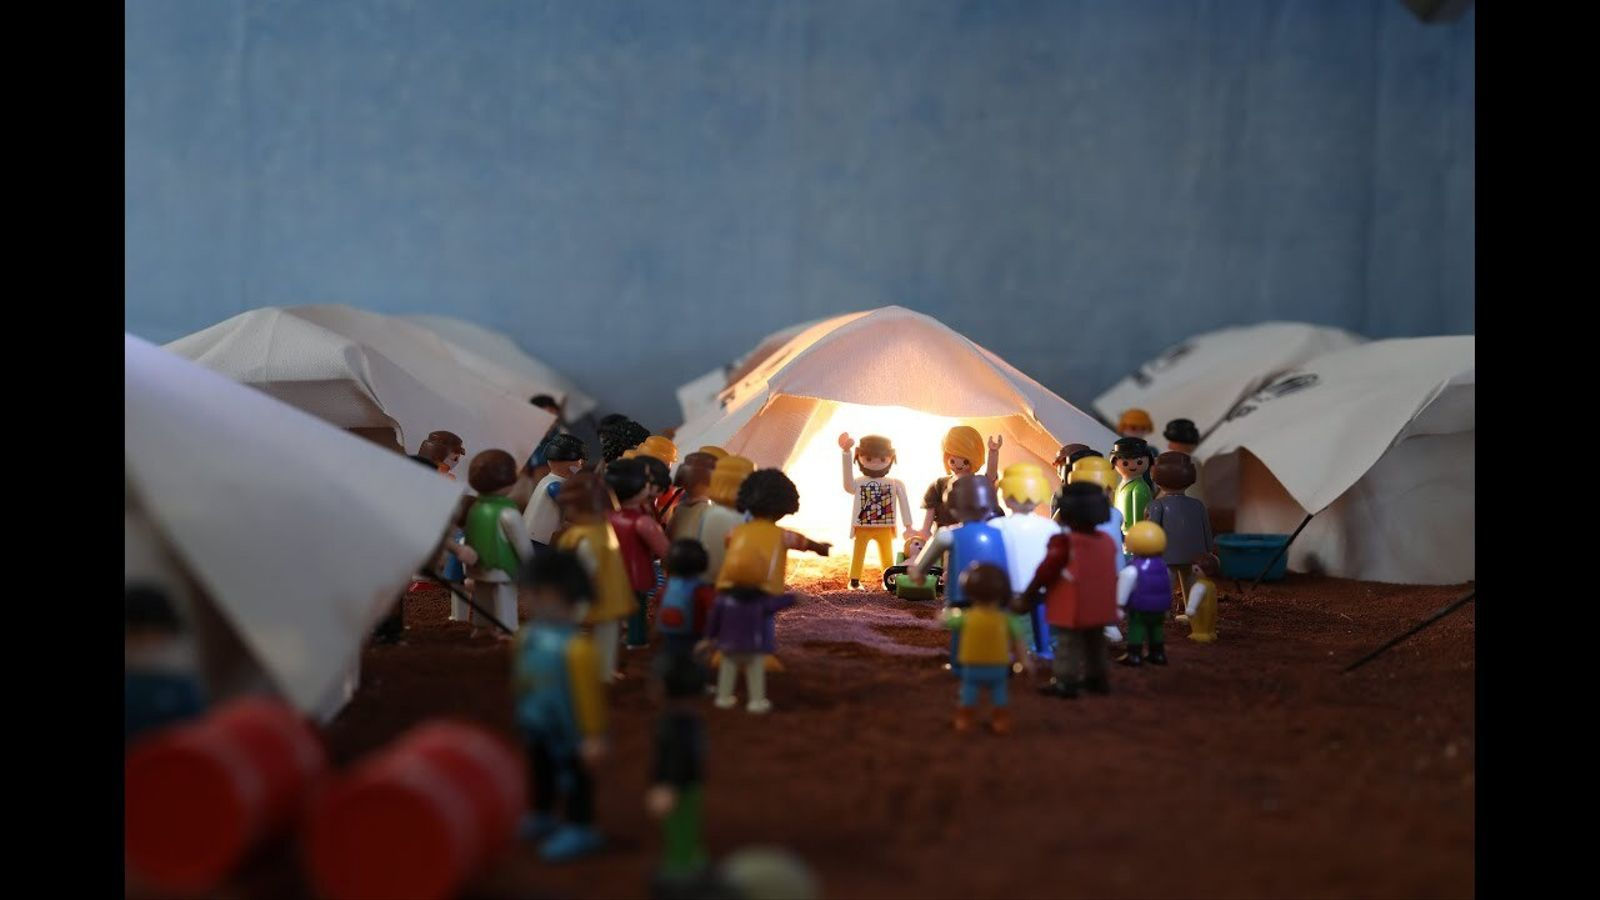 Pessebre de Francesc Mateu inspirat en el camp de refugiats de Lesbos